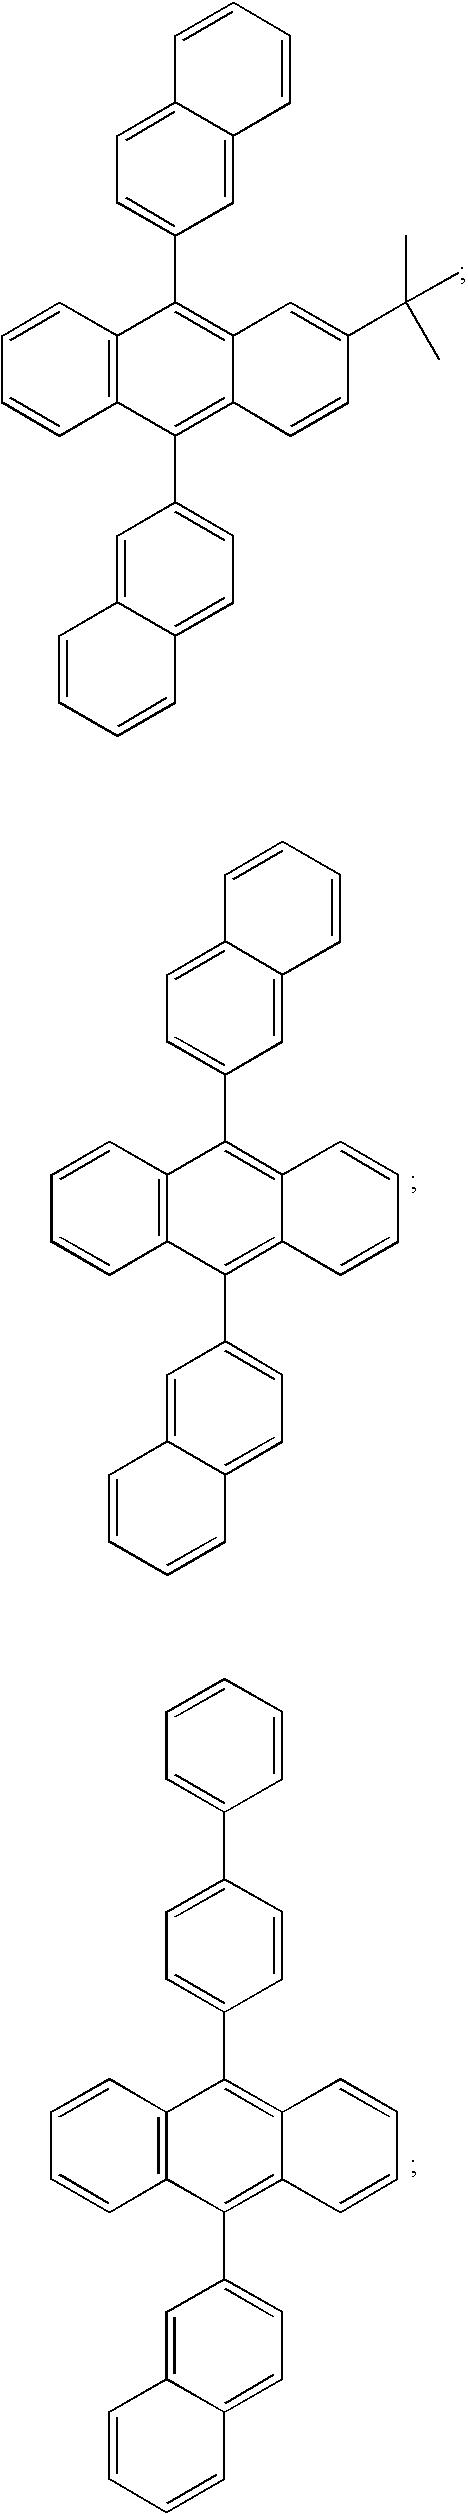 Figure US07132140-20061107-C00008